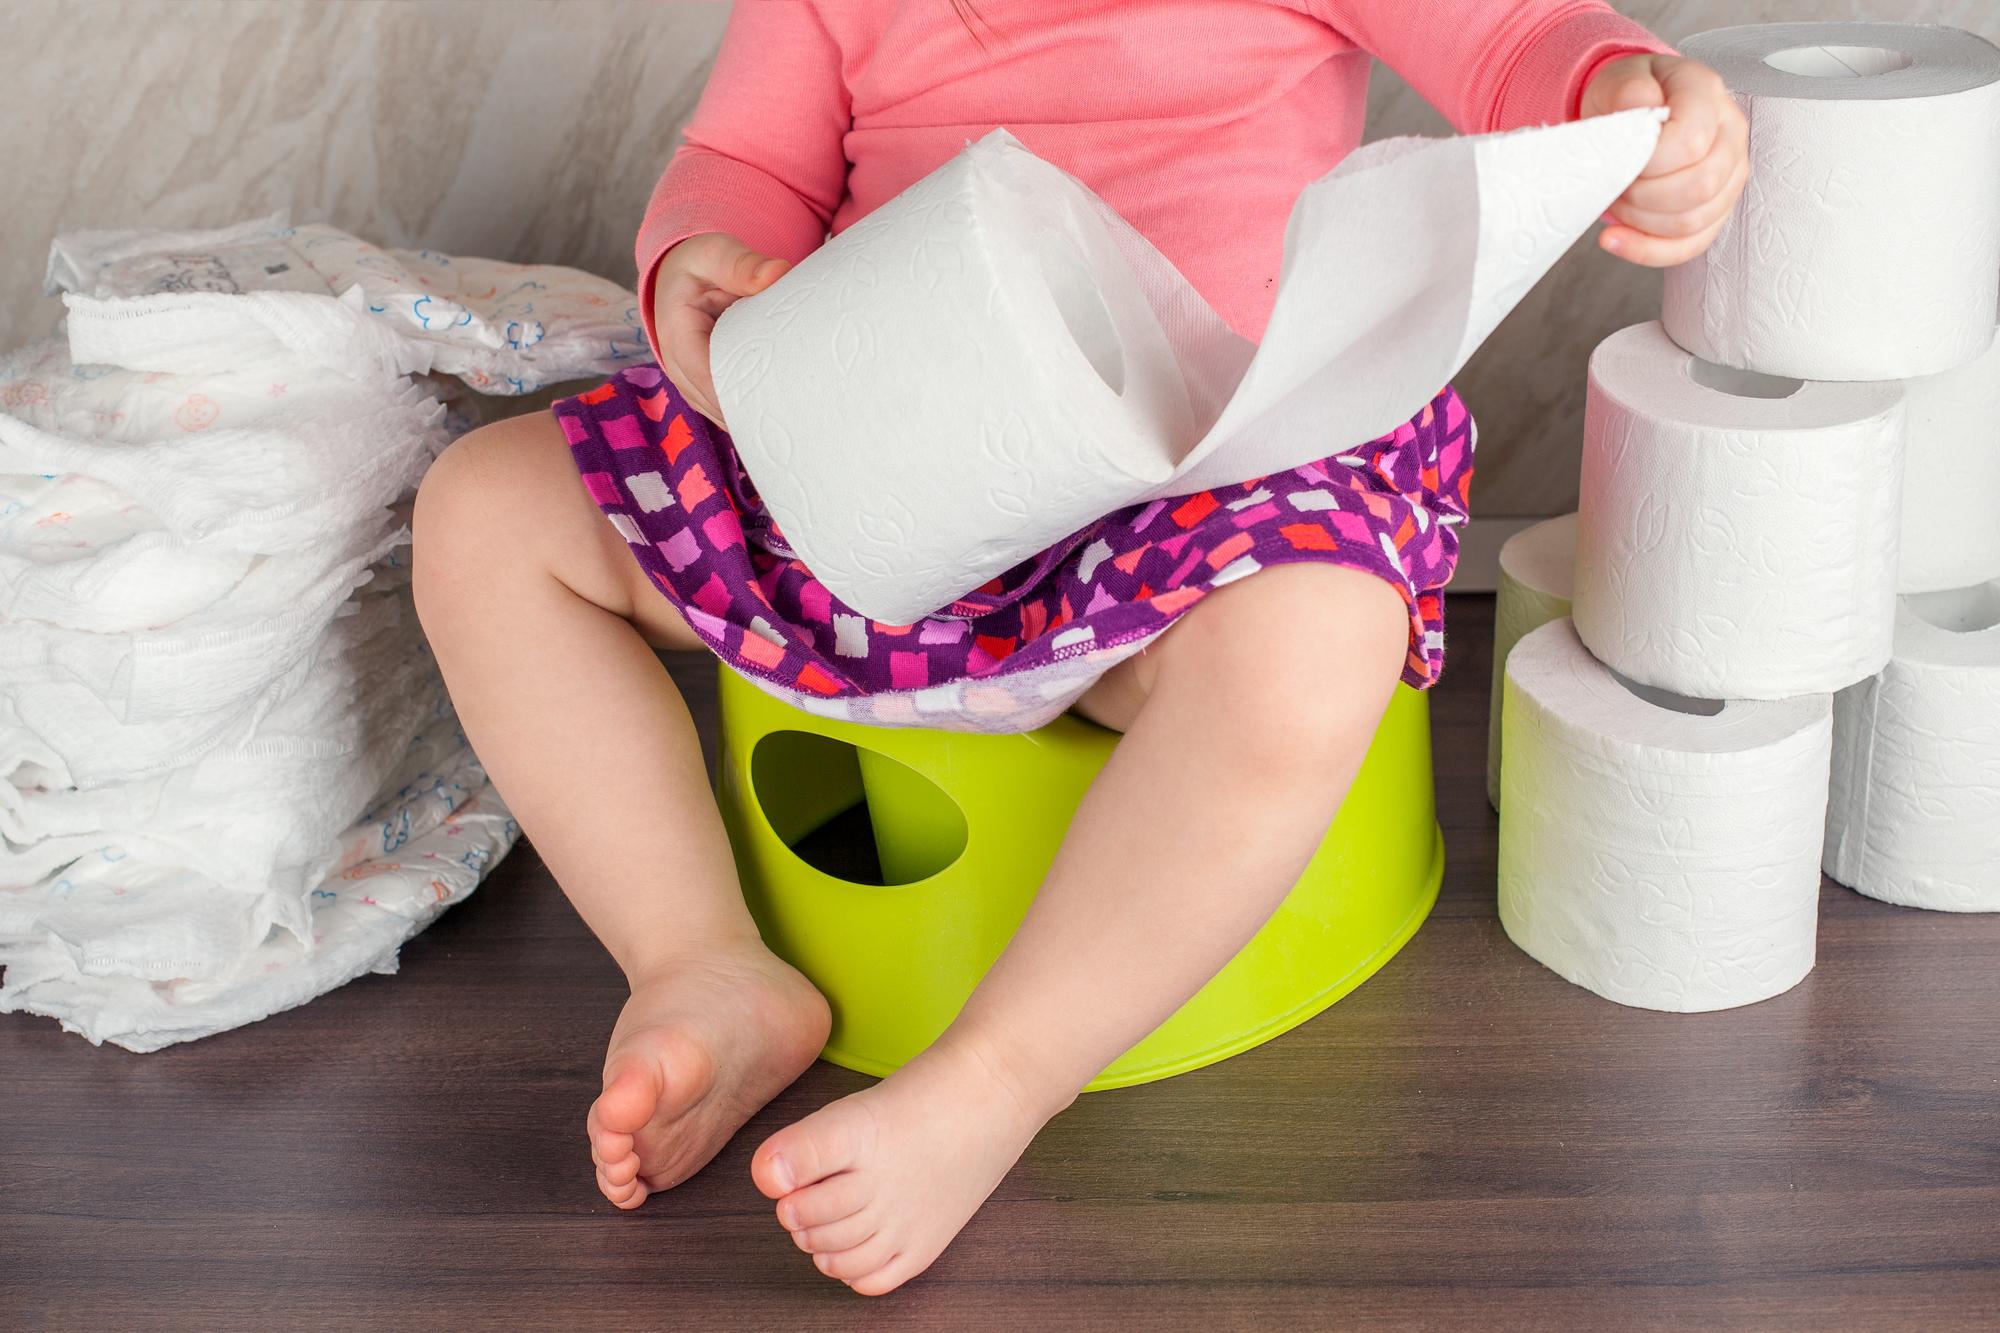 保育園のトイレトレーニング方法|時期とやり方・保育士のアドバイスポイント